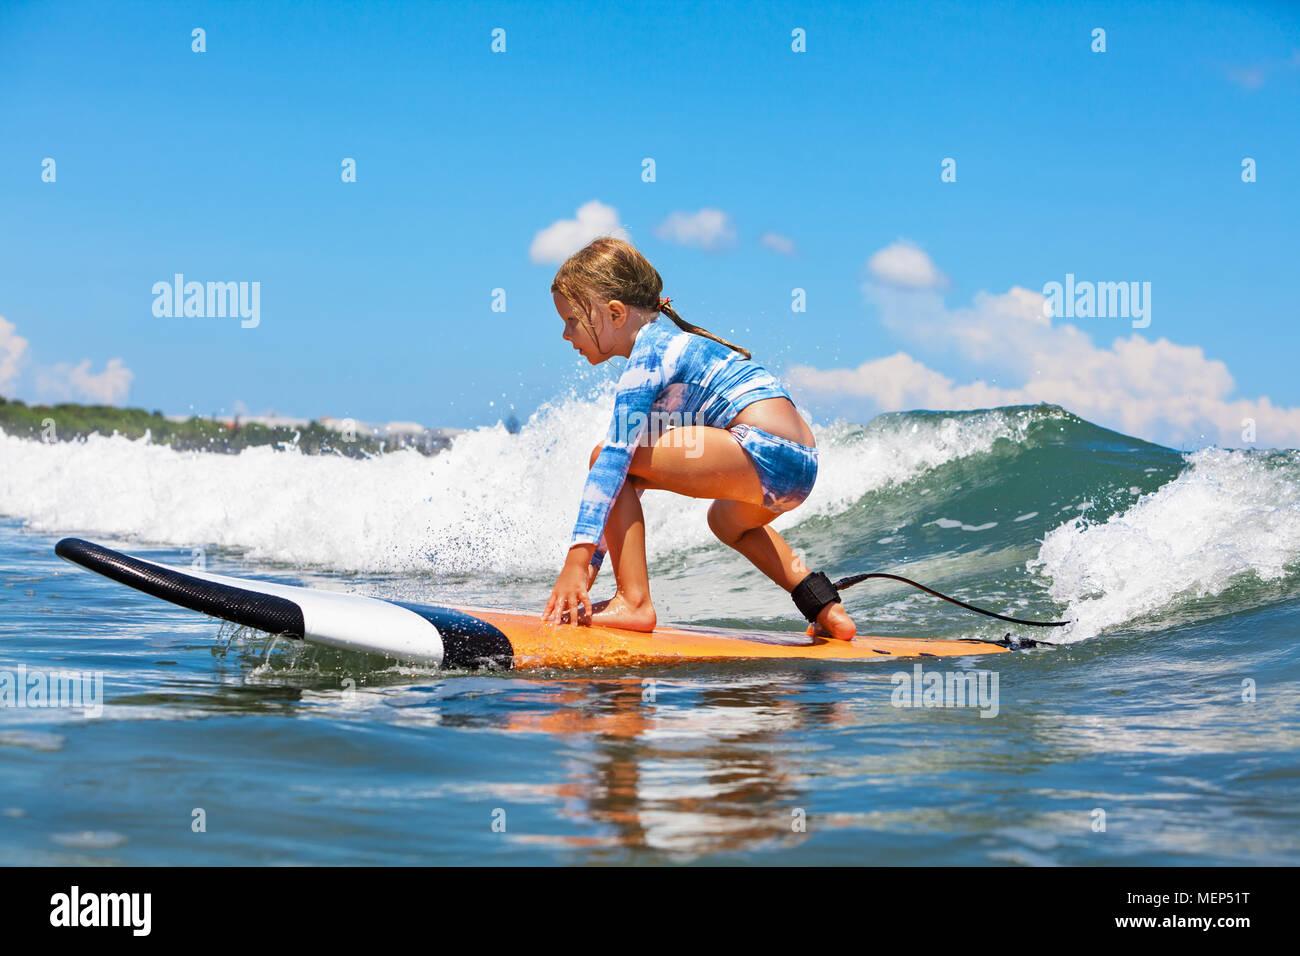 Niña feliz. El joven surfista paseo en tablas de surf con la diversión en las olas del mar. Active la vida familiar, los niños piscina deporte acuático lecciones y actividades de natación Imagen De Stock